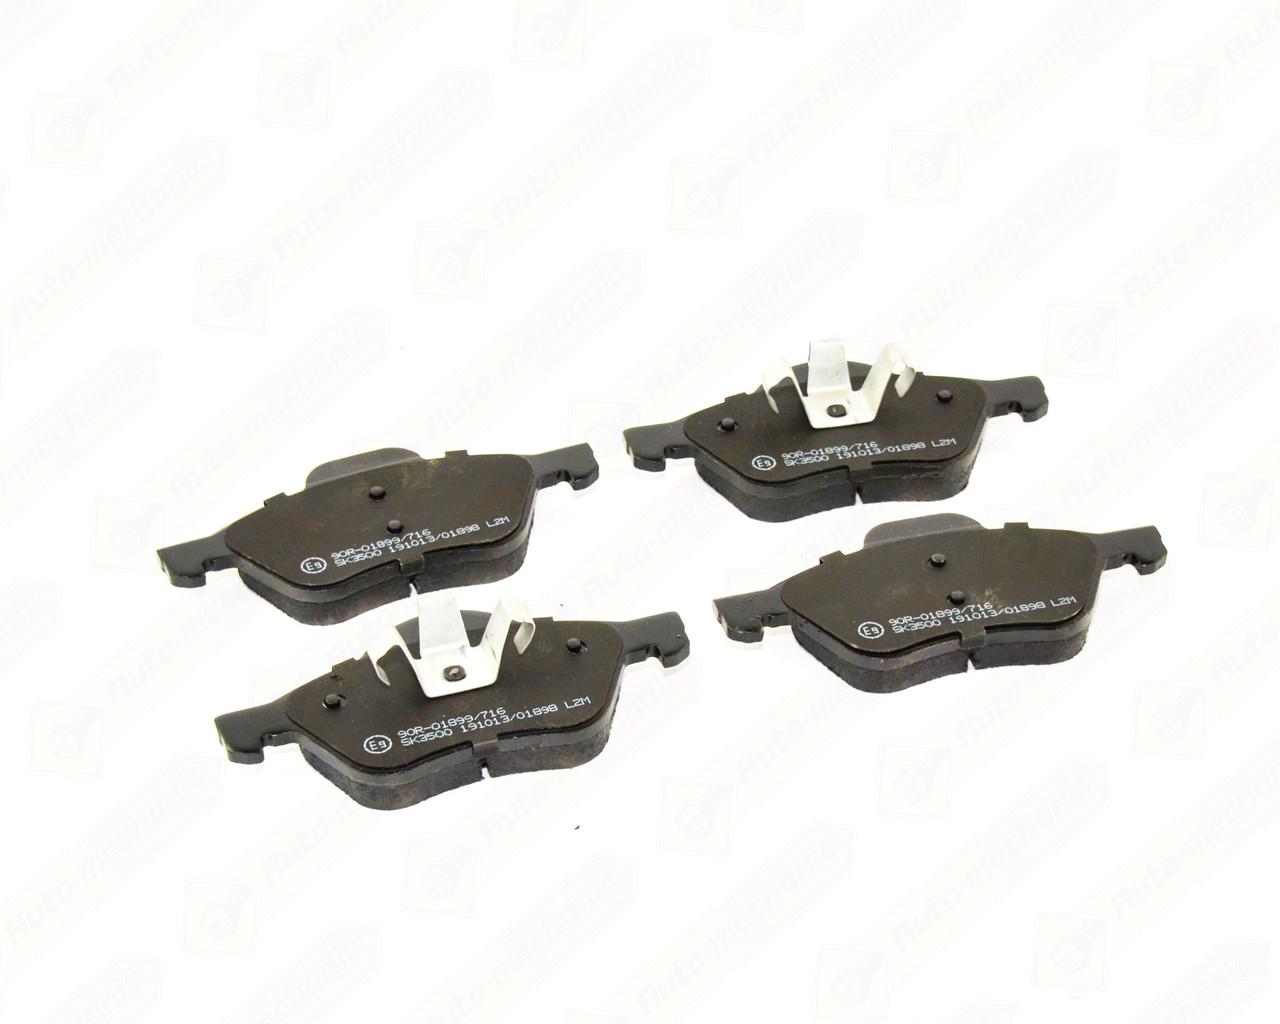 Купить Тормозные колодки, Дисковые тормозные колодки (передние) на Renault Megane II 2001->2009 - LPR - LPR05P1279